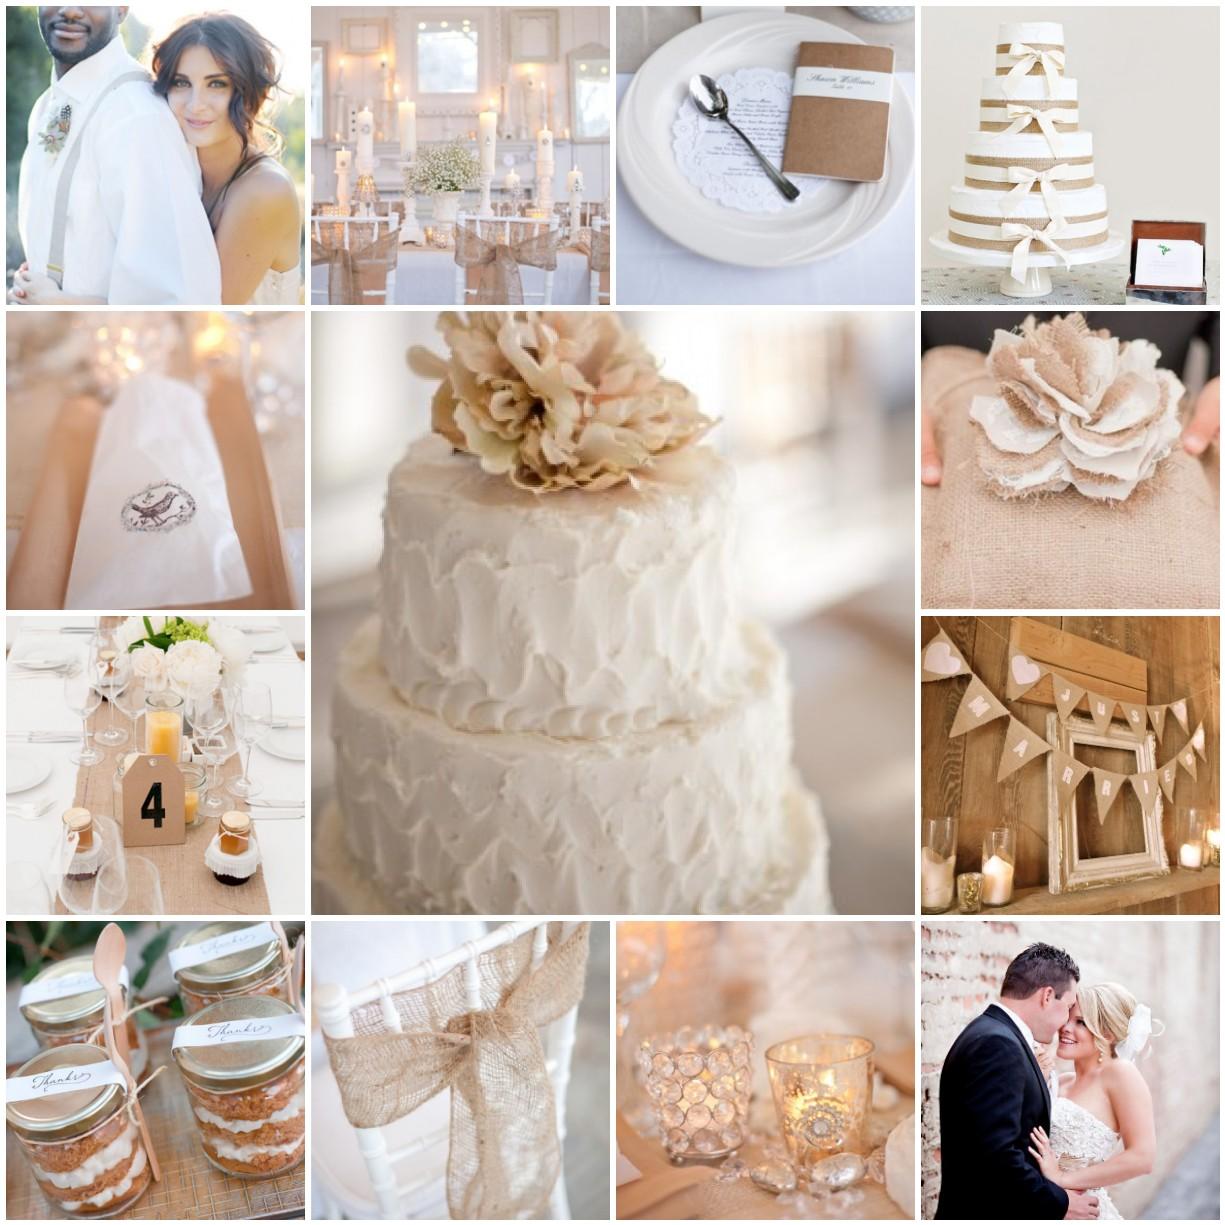 Burlap Wedding: White And Burlap Wedding